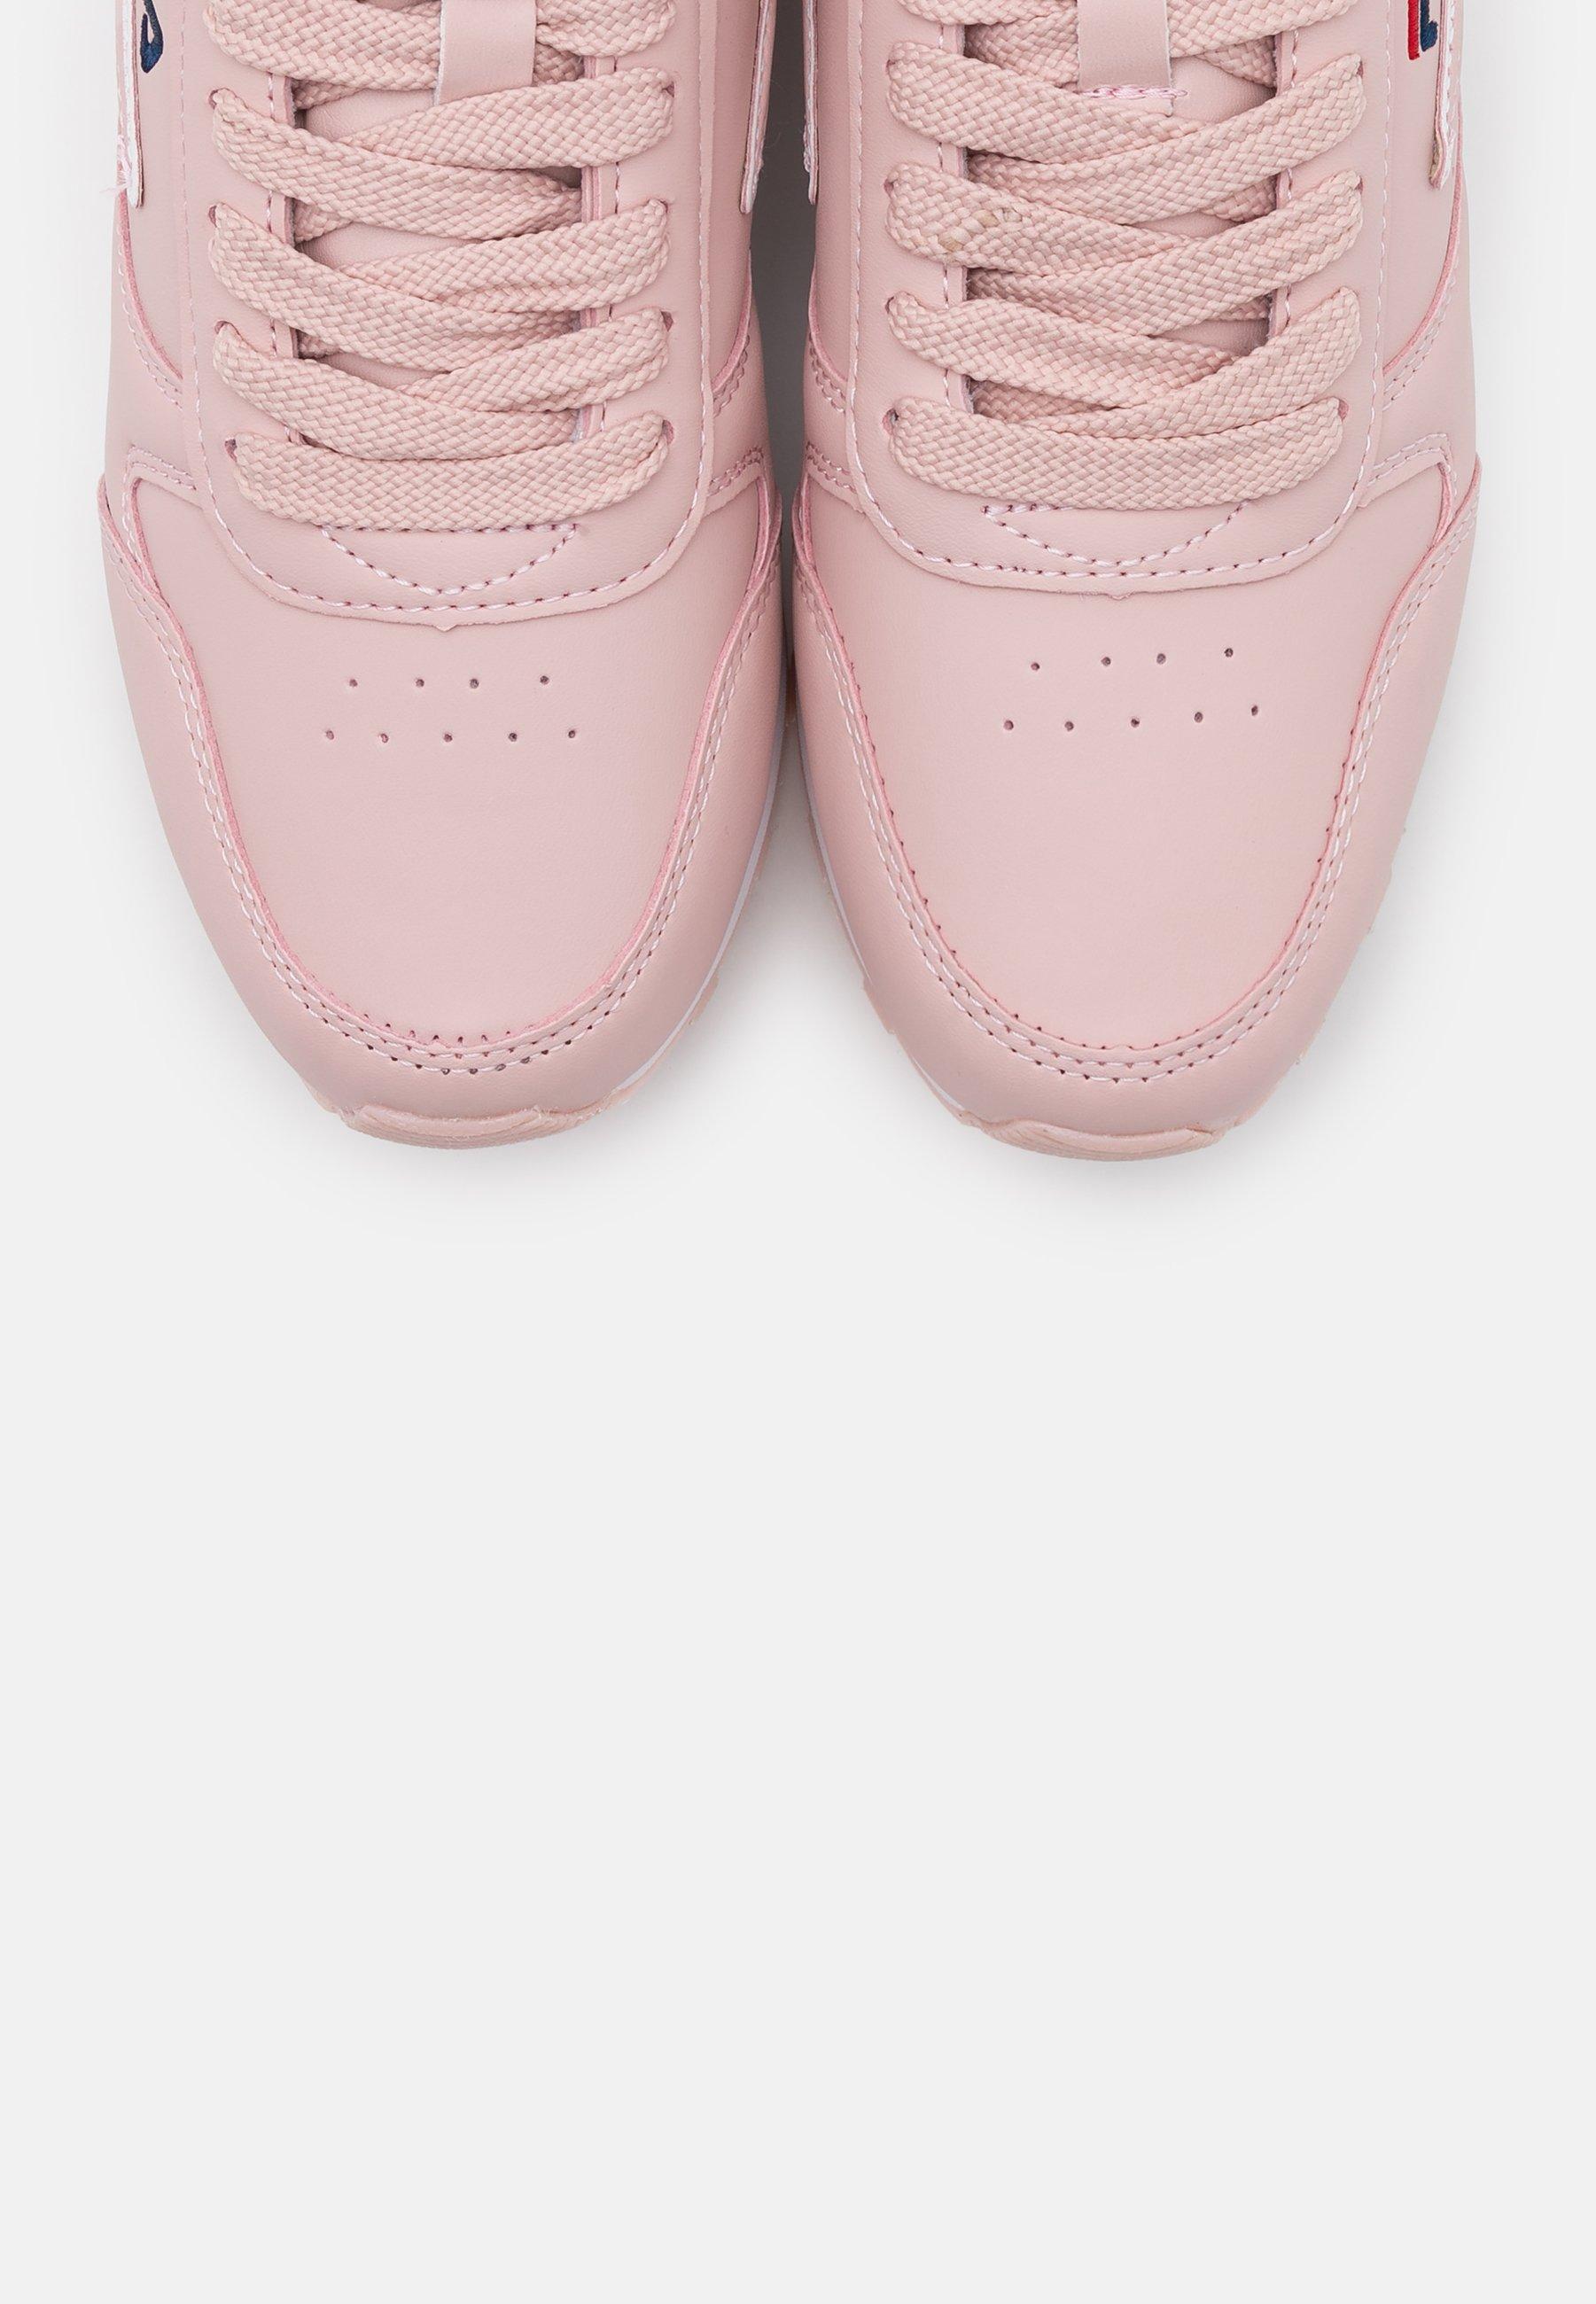 ORBIT Sneakers sepia rose